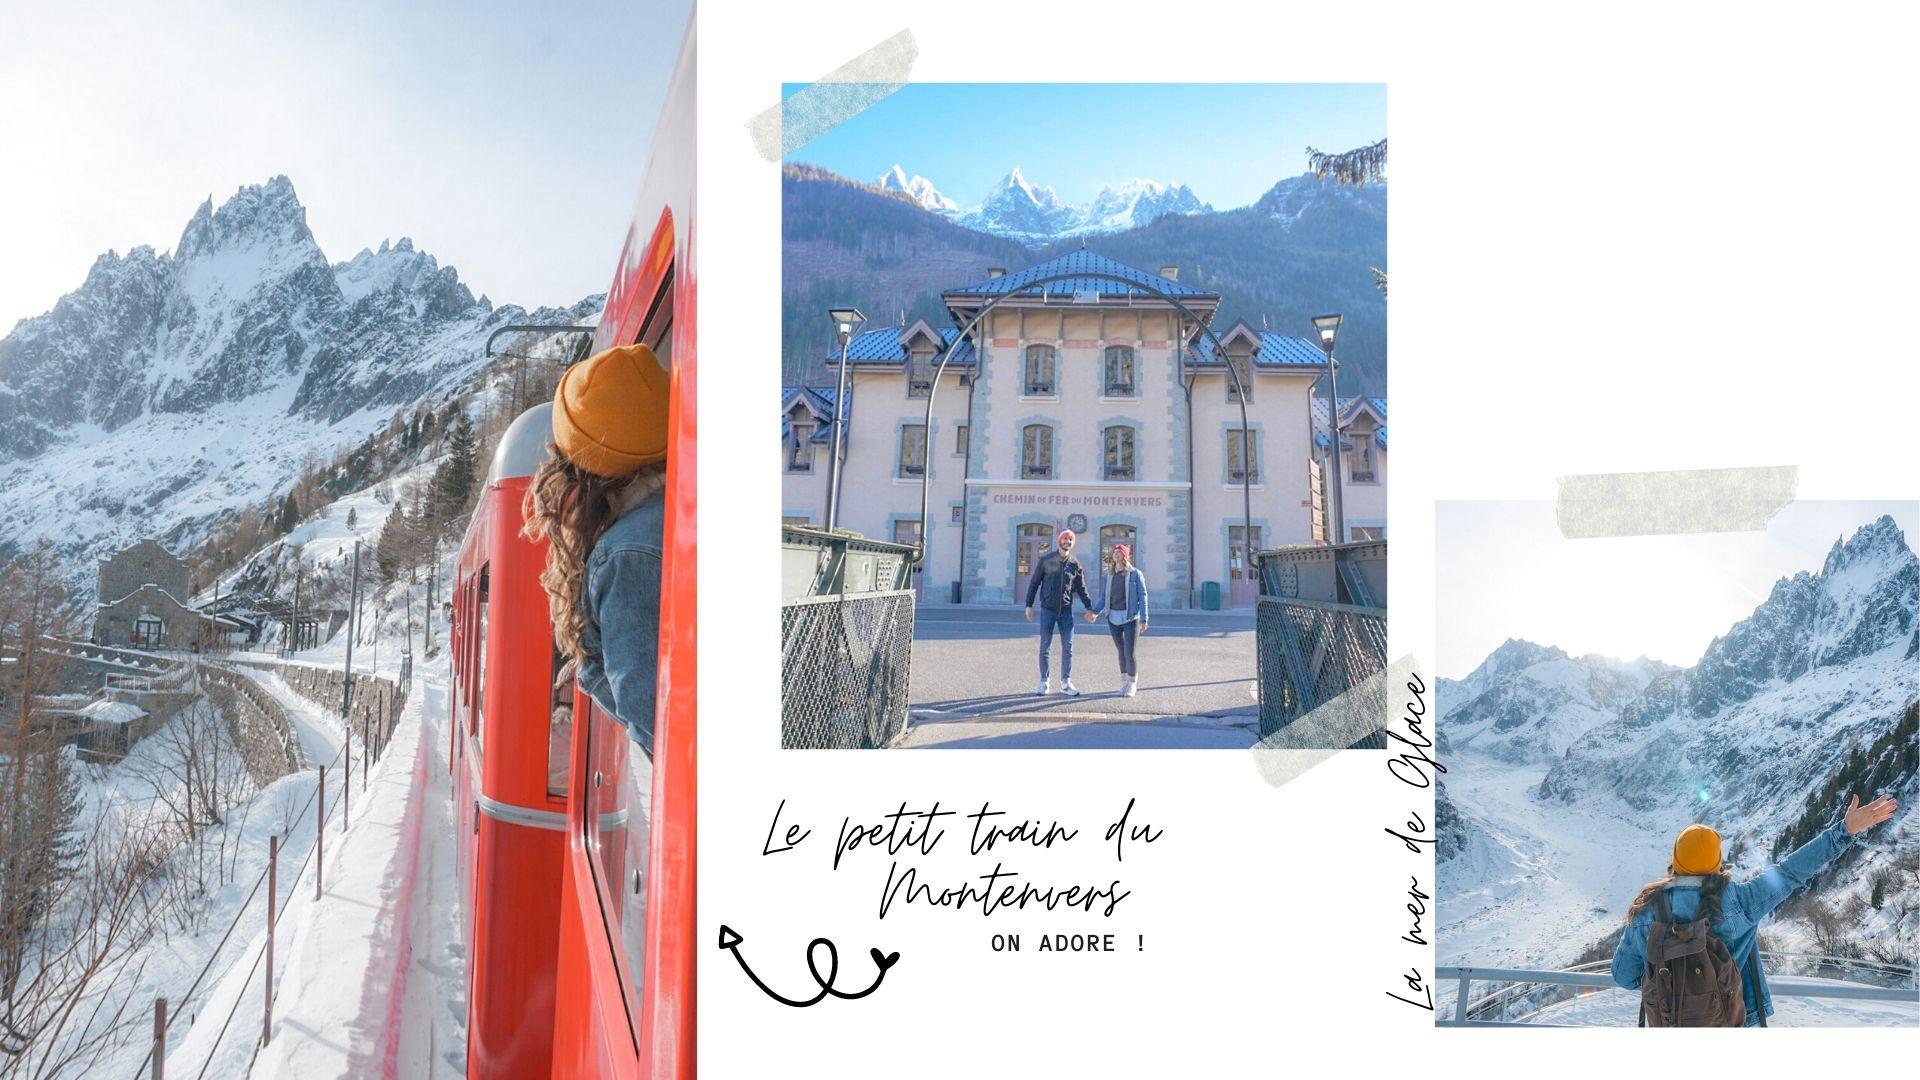 randonnée train du montenvers Chamonix